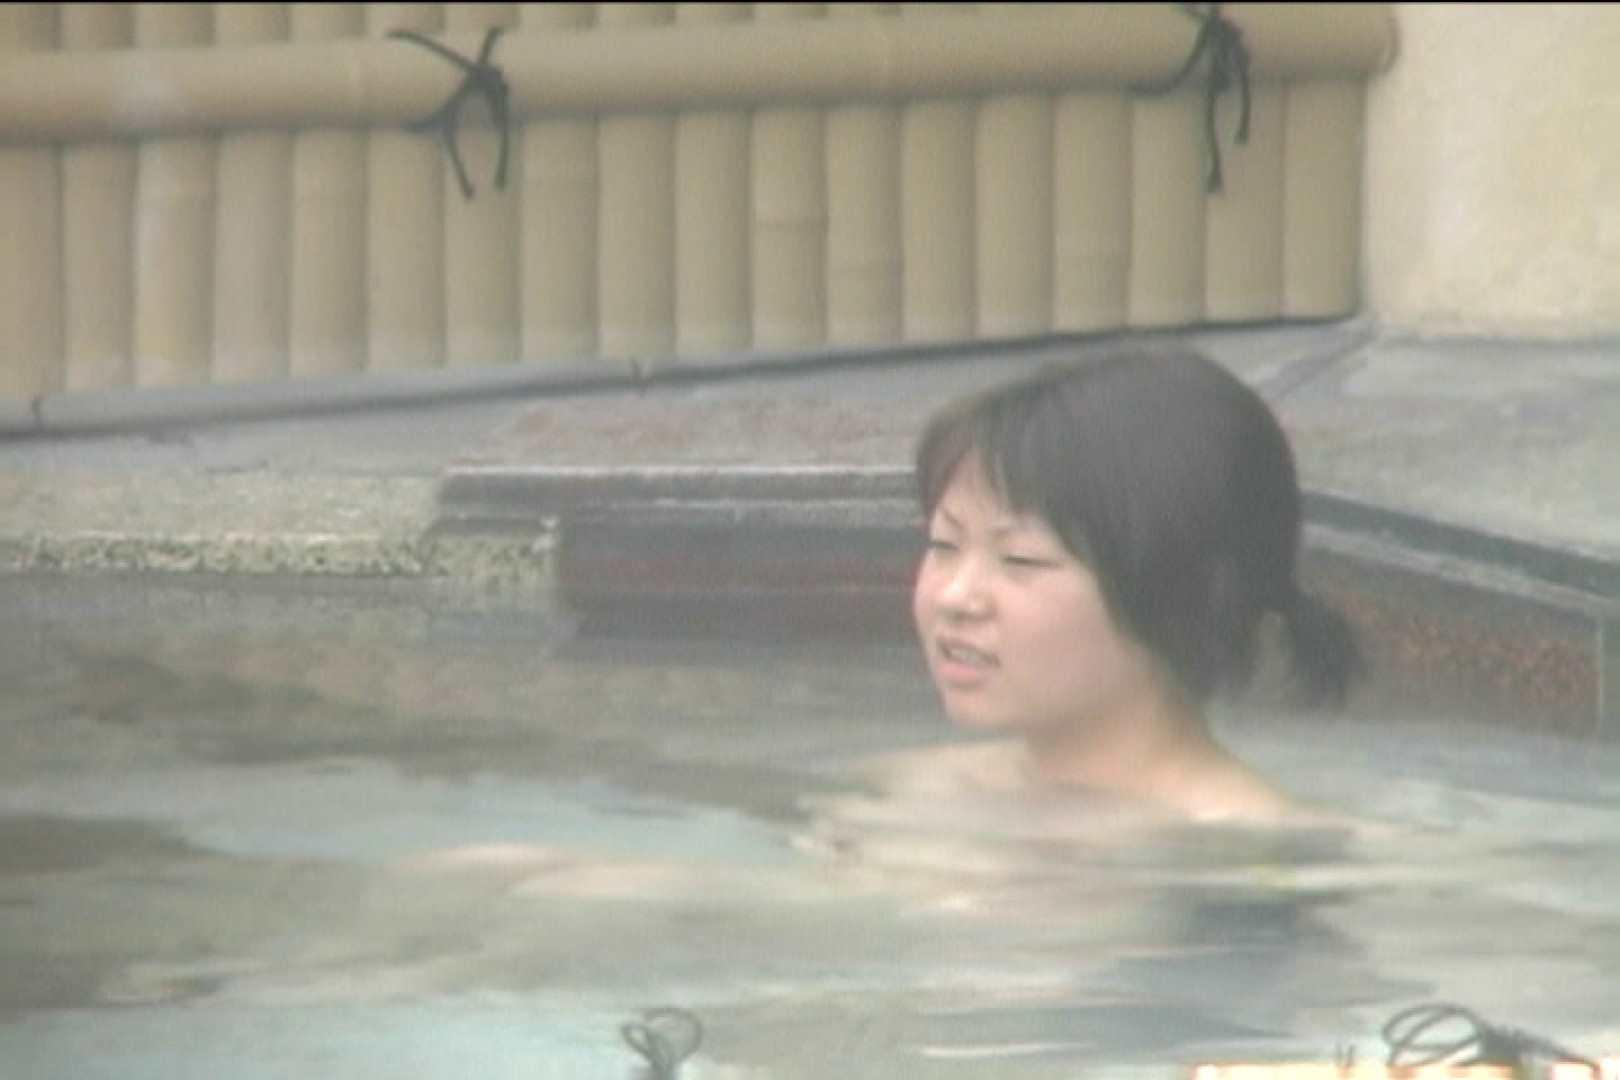 Aquaな露天風呂Vol.141 盗撮シリーズ  96PIX 48